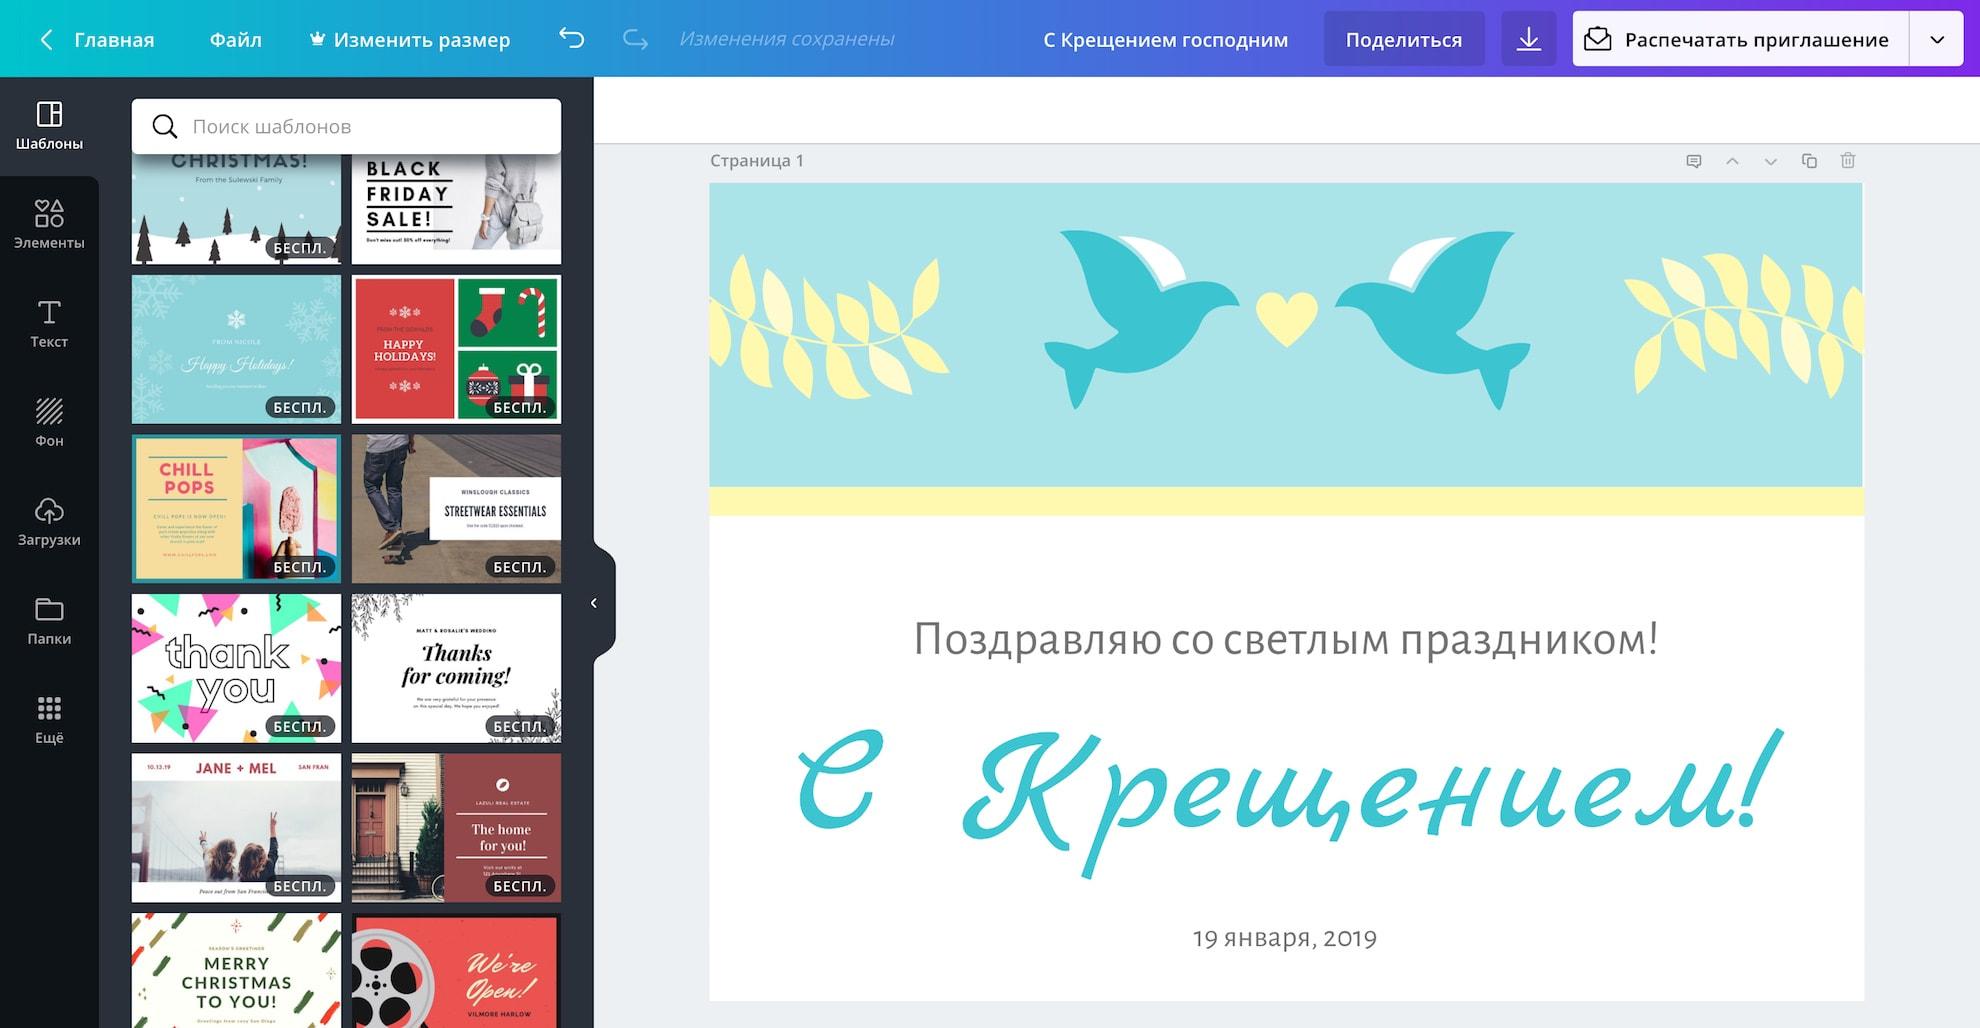 Создание открытки с Крещением на русском языке